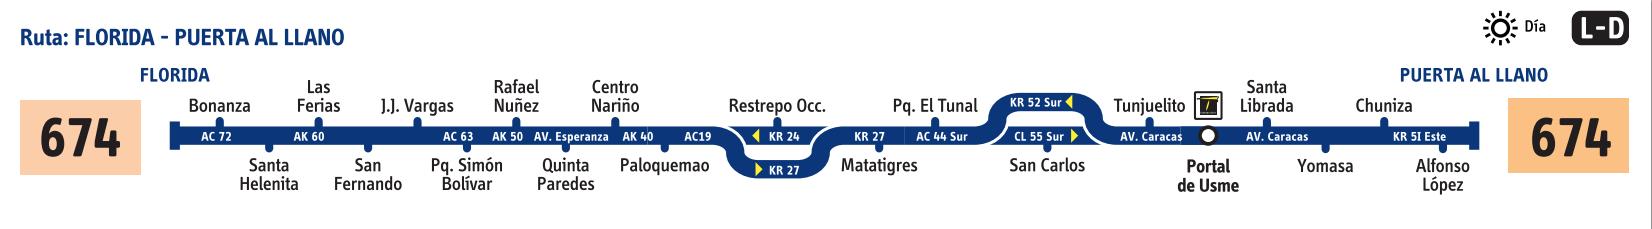 Ruta SITP: 674 Puerta Al Llano ↔ Florida [Urbana] 1